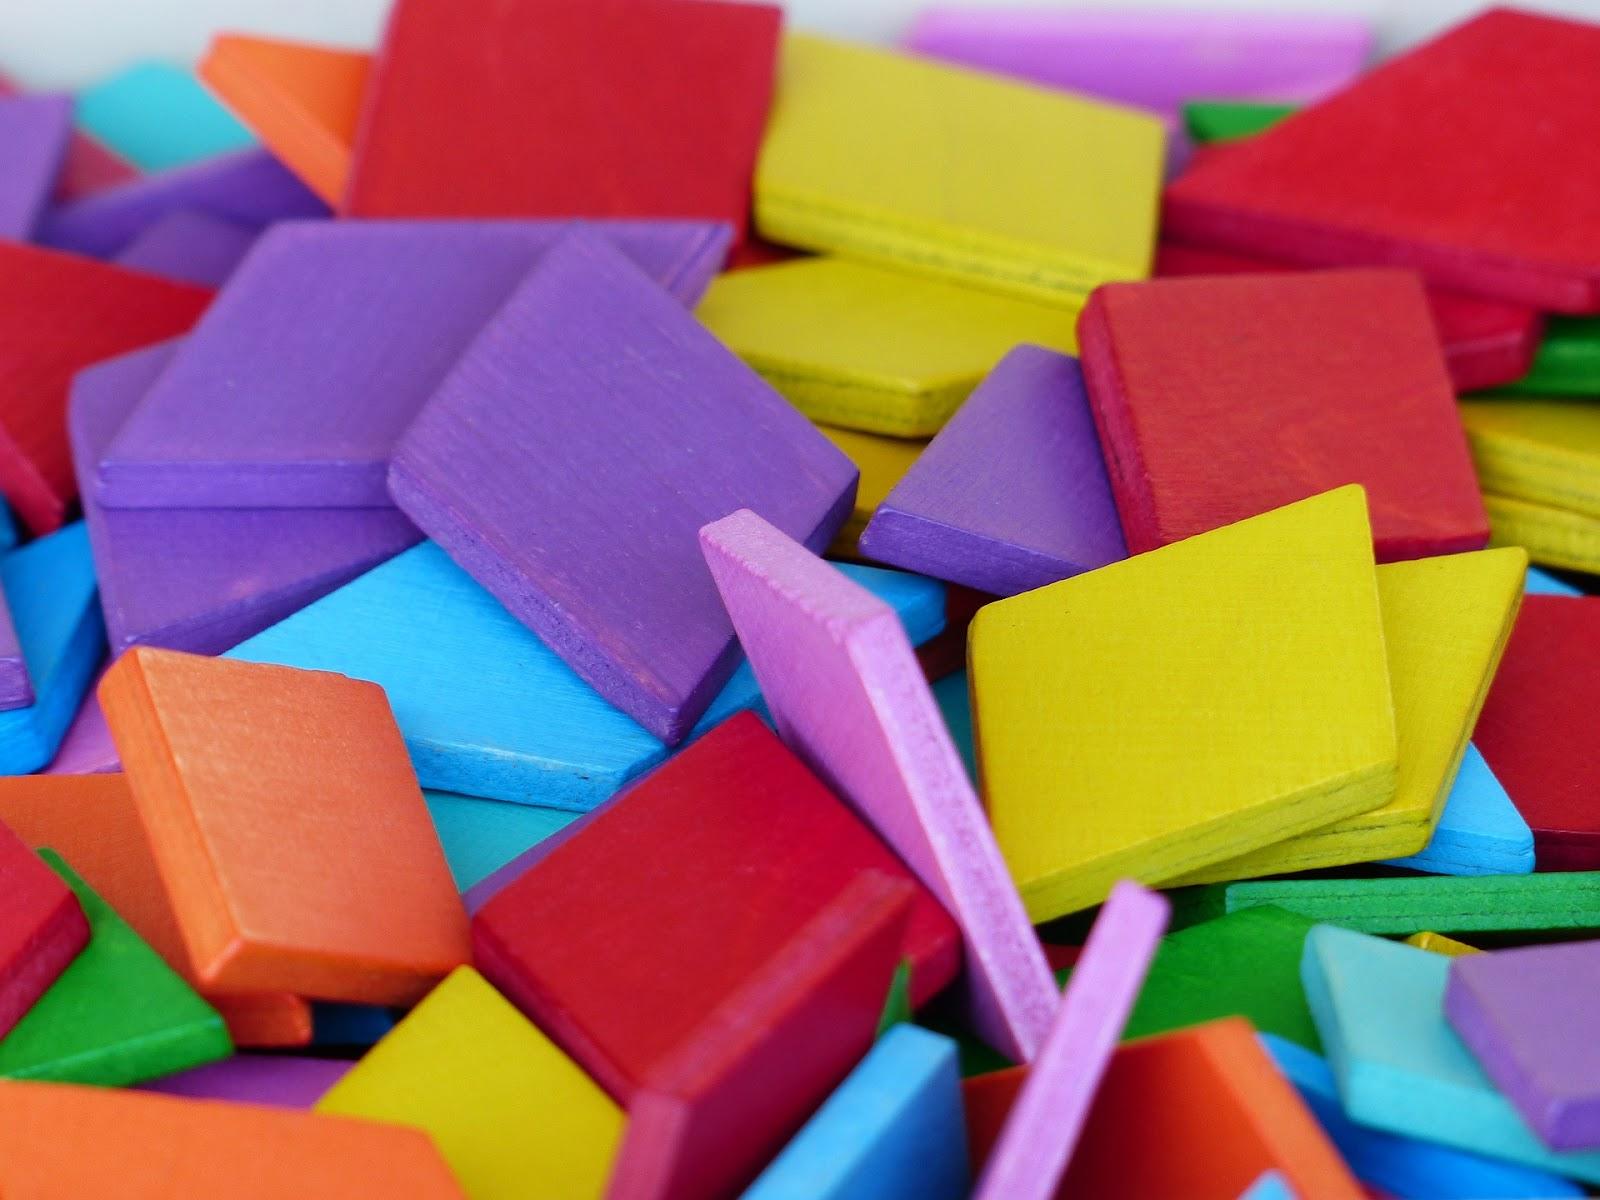 Multicolored, square wooden blocks.